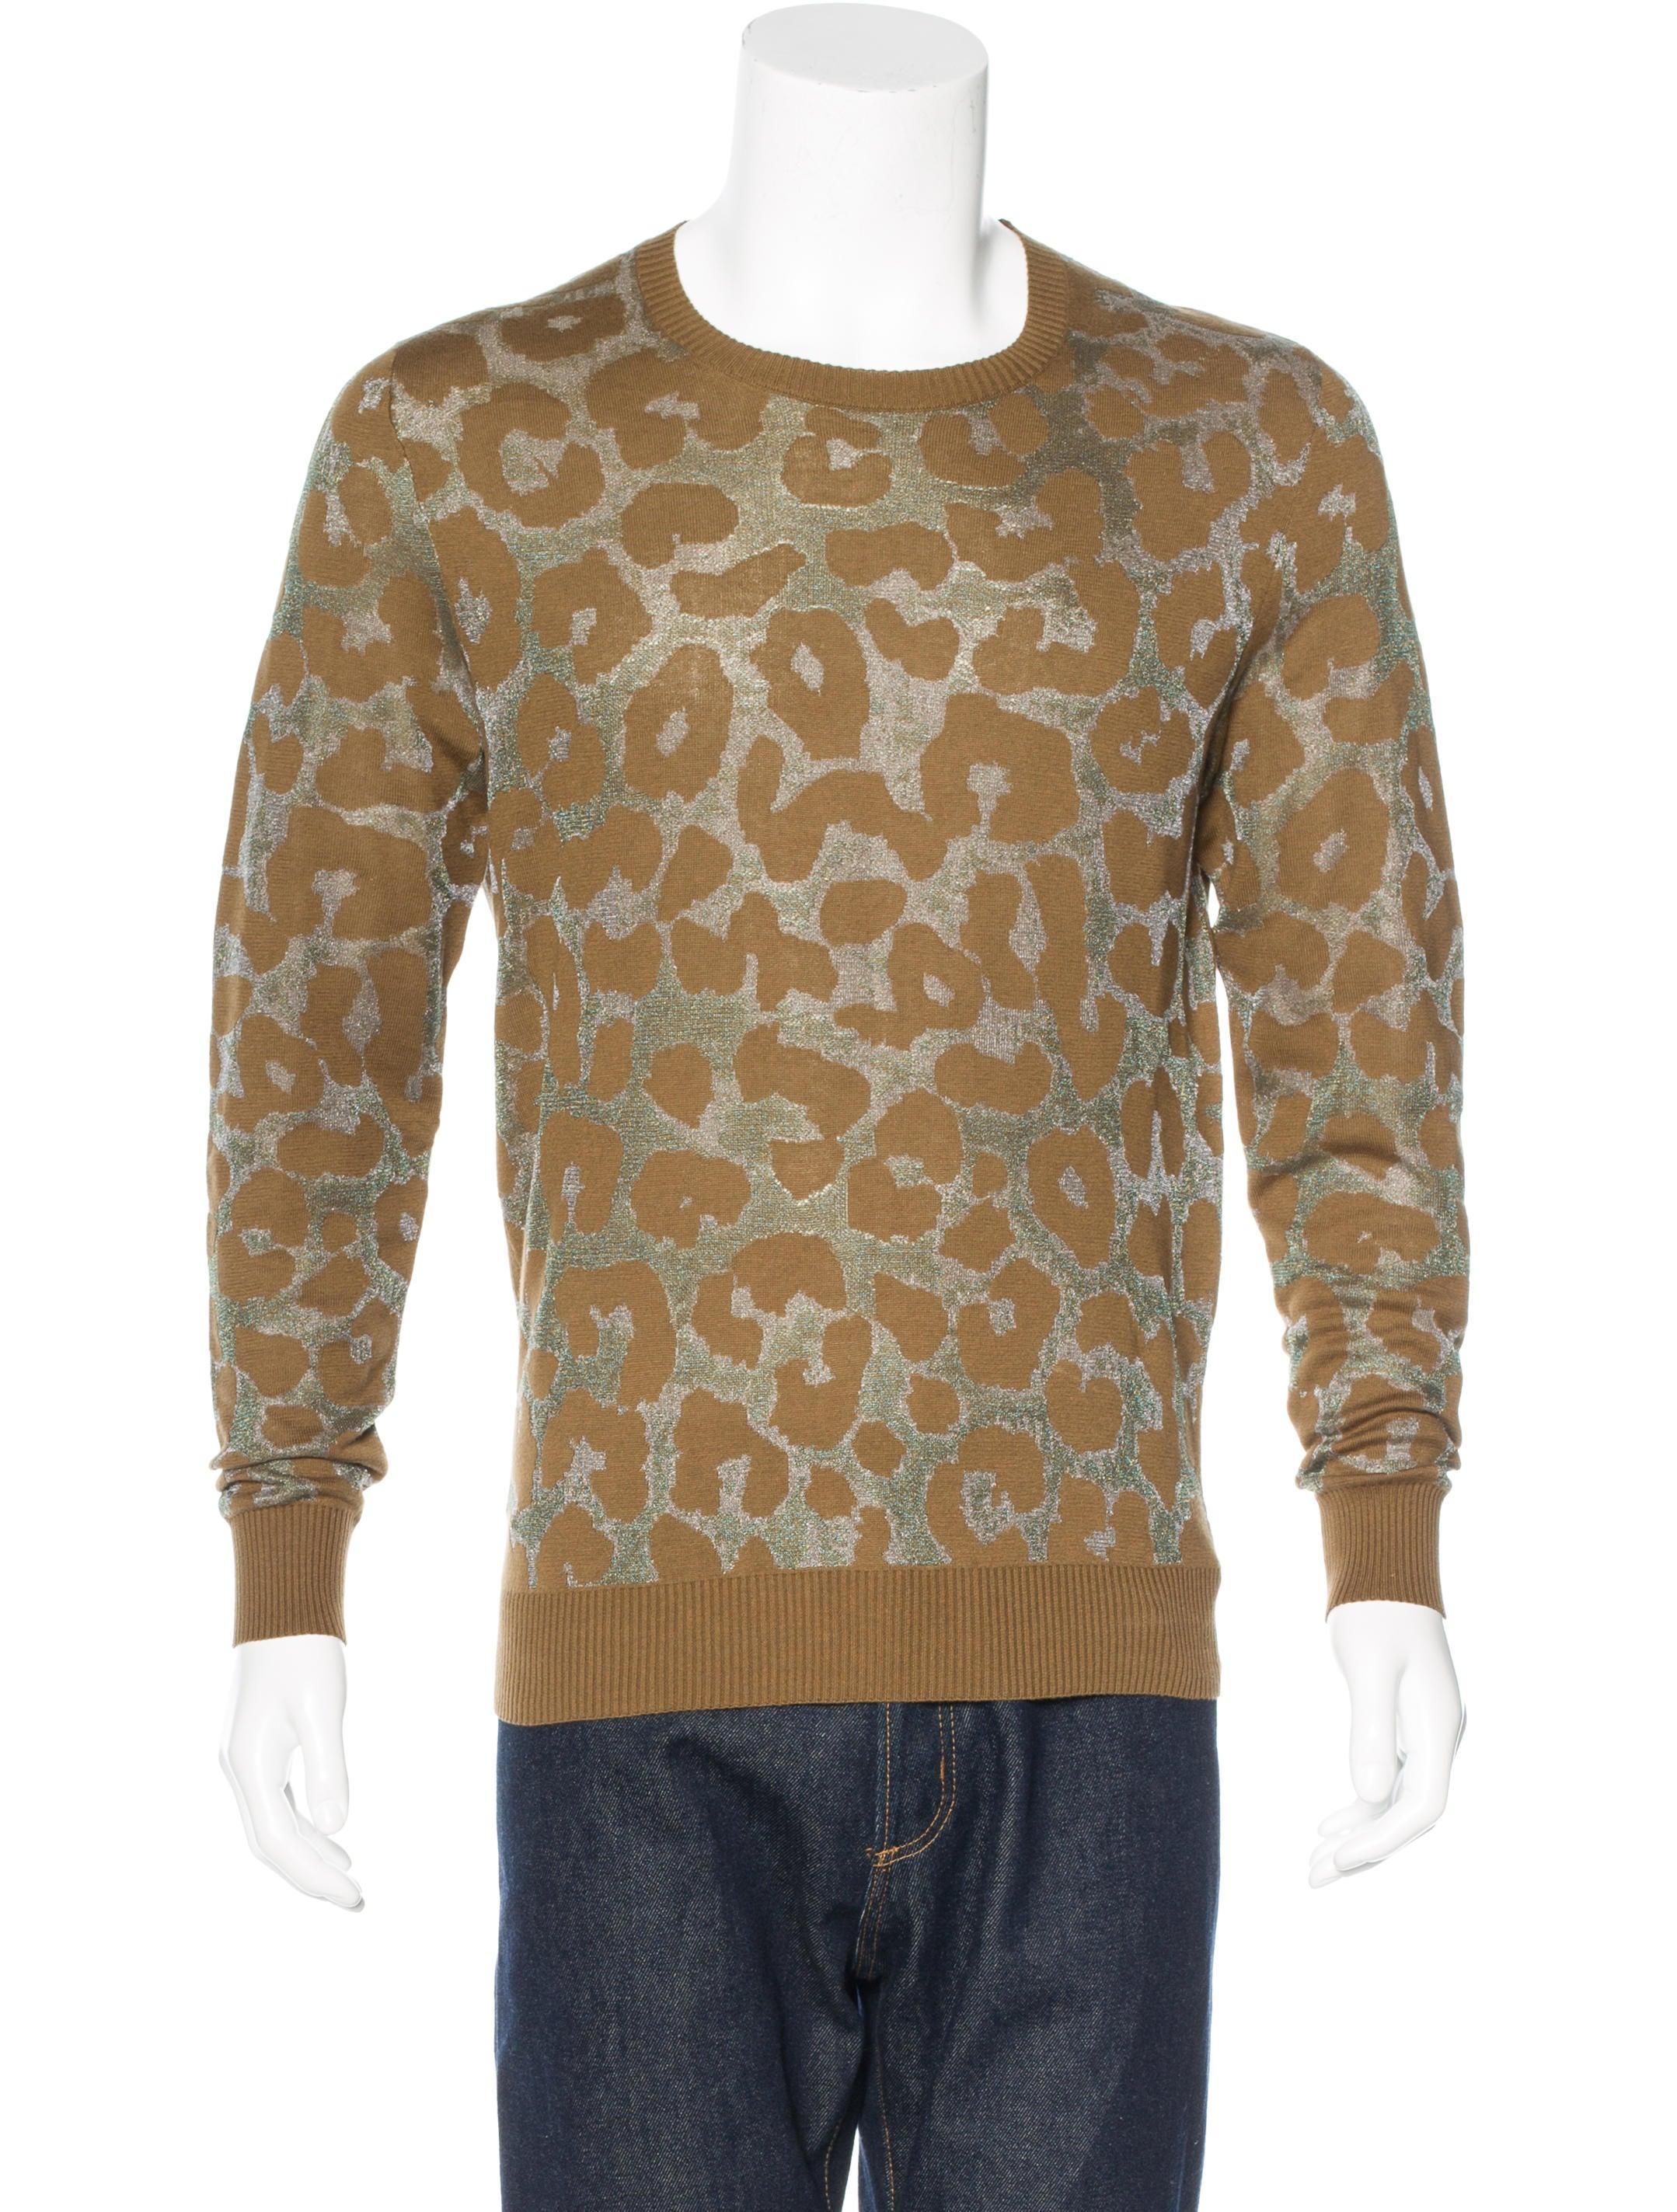 02d5bb046 Dries Van Noten Jens Jaguar Sweater w  Tags - Clothing - DRI33980 ...